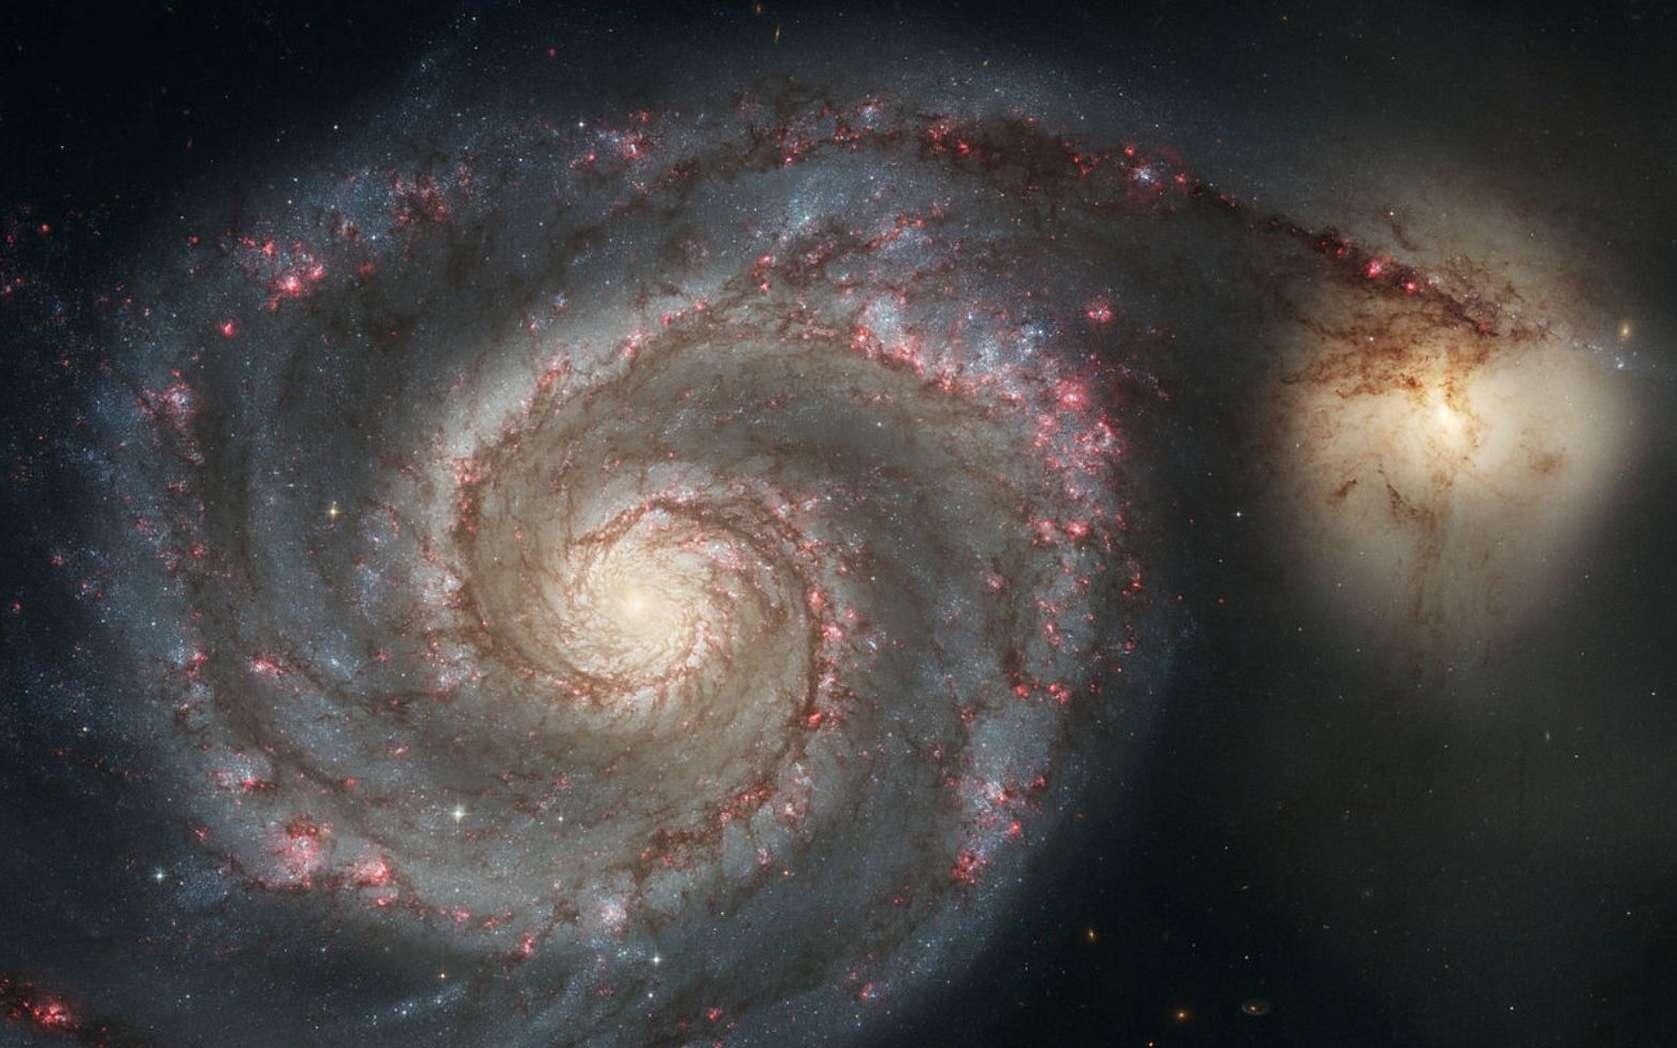 Une image provenant des observations de Hubble et montrant la galaxie spirale Messier 51. © Nasa